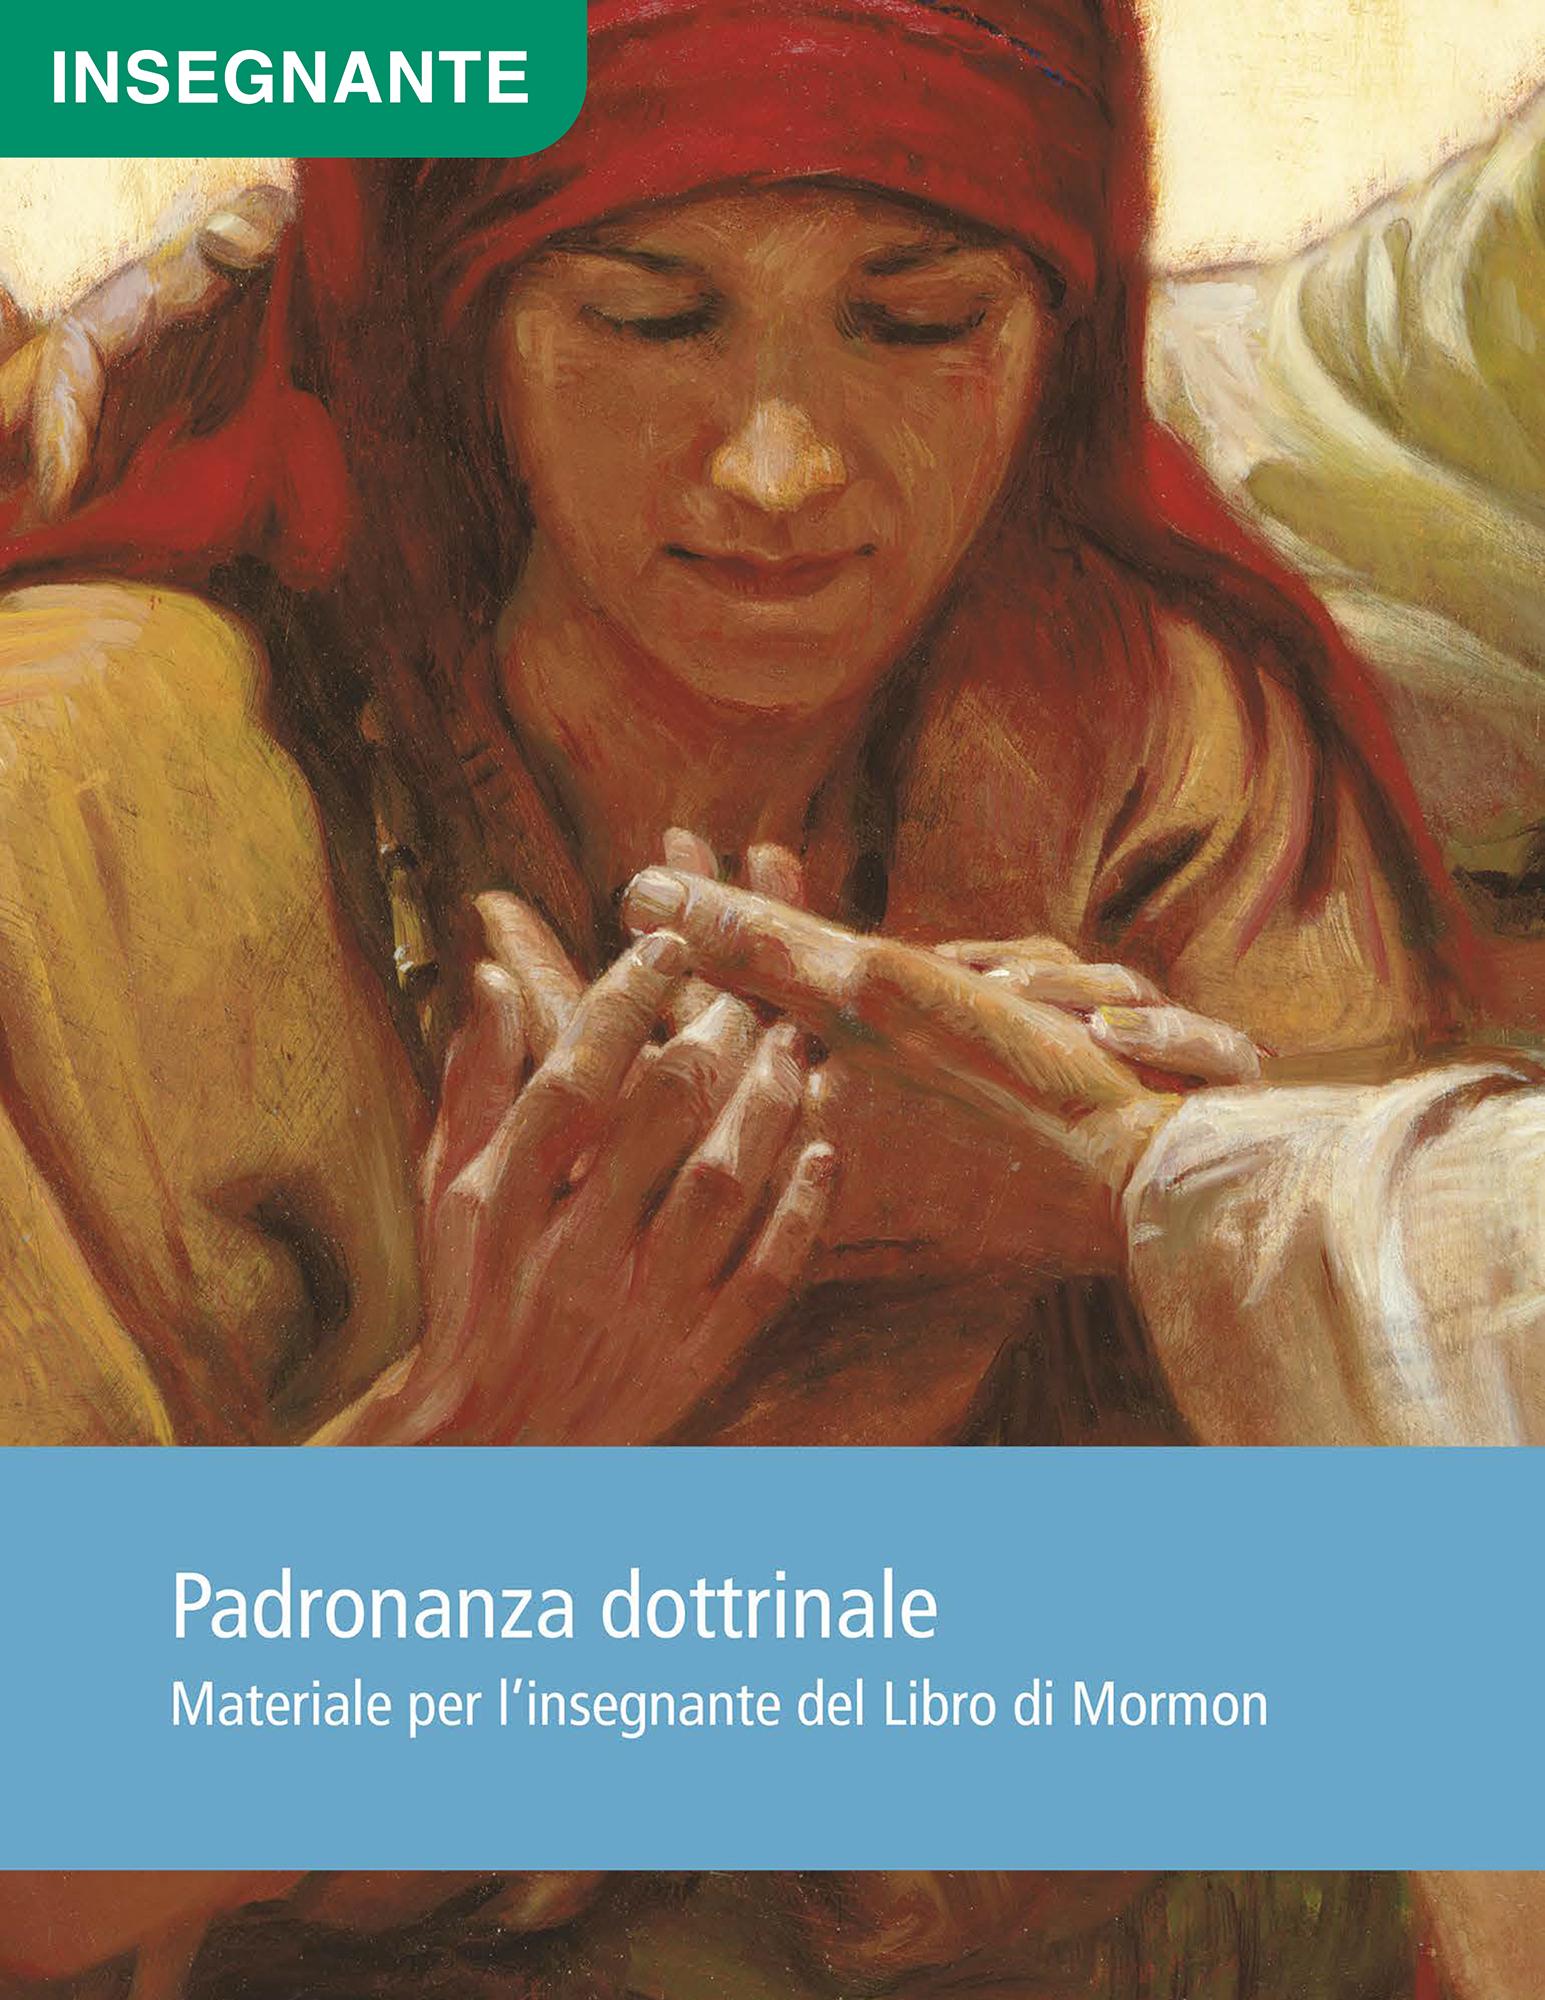 Padronanza dottrinale Materiale per l'insegnante del Libro di Mormon